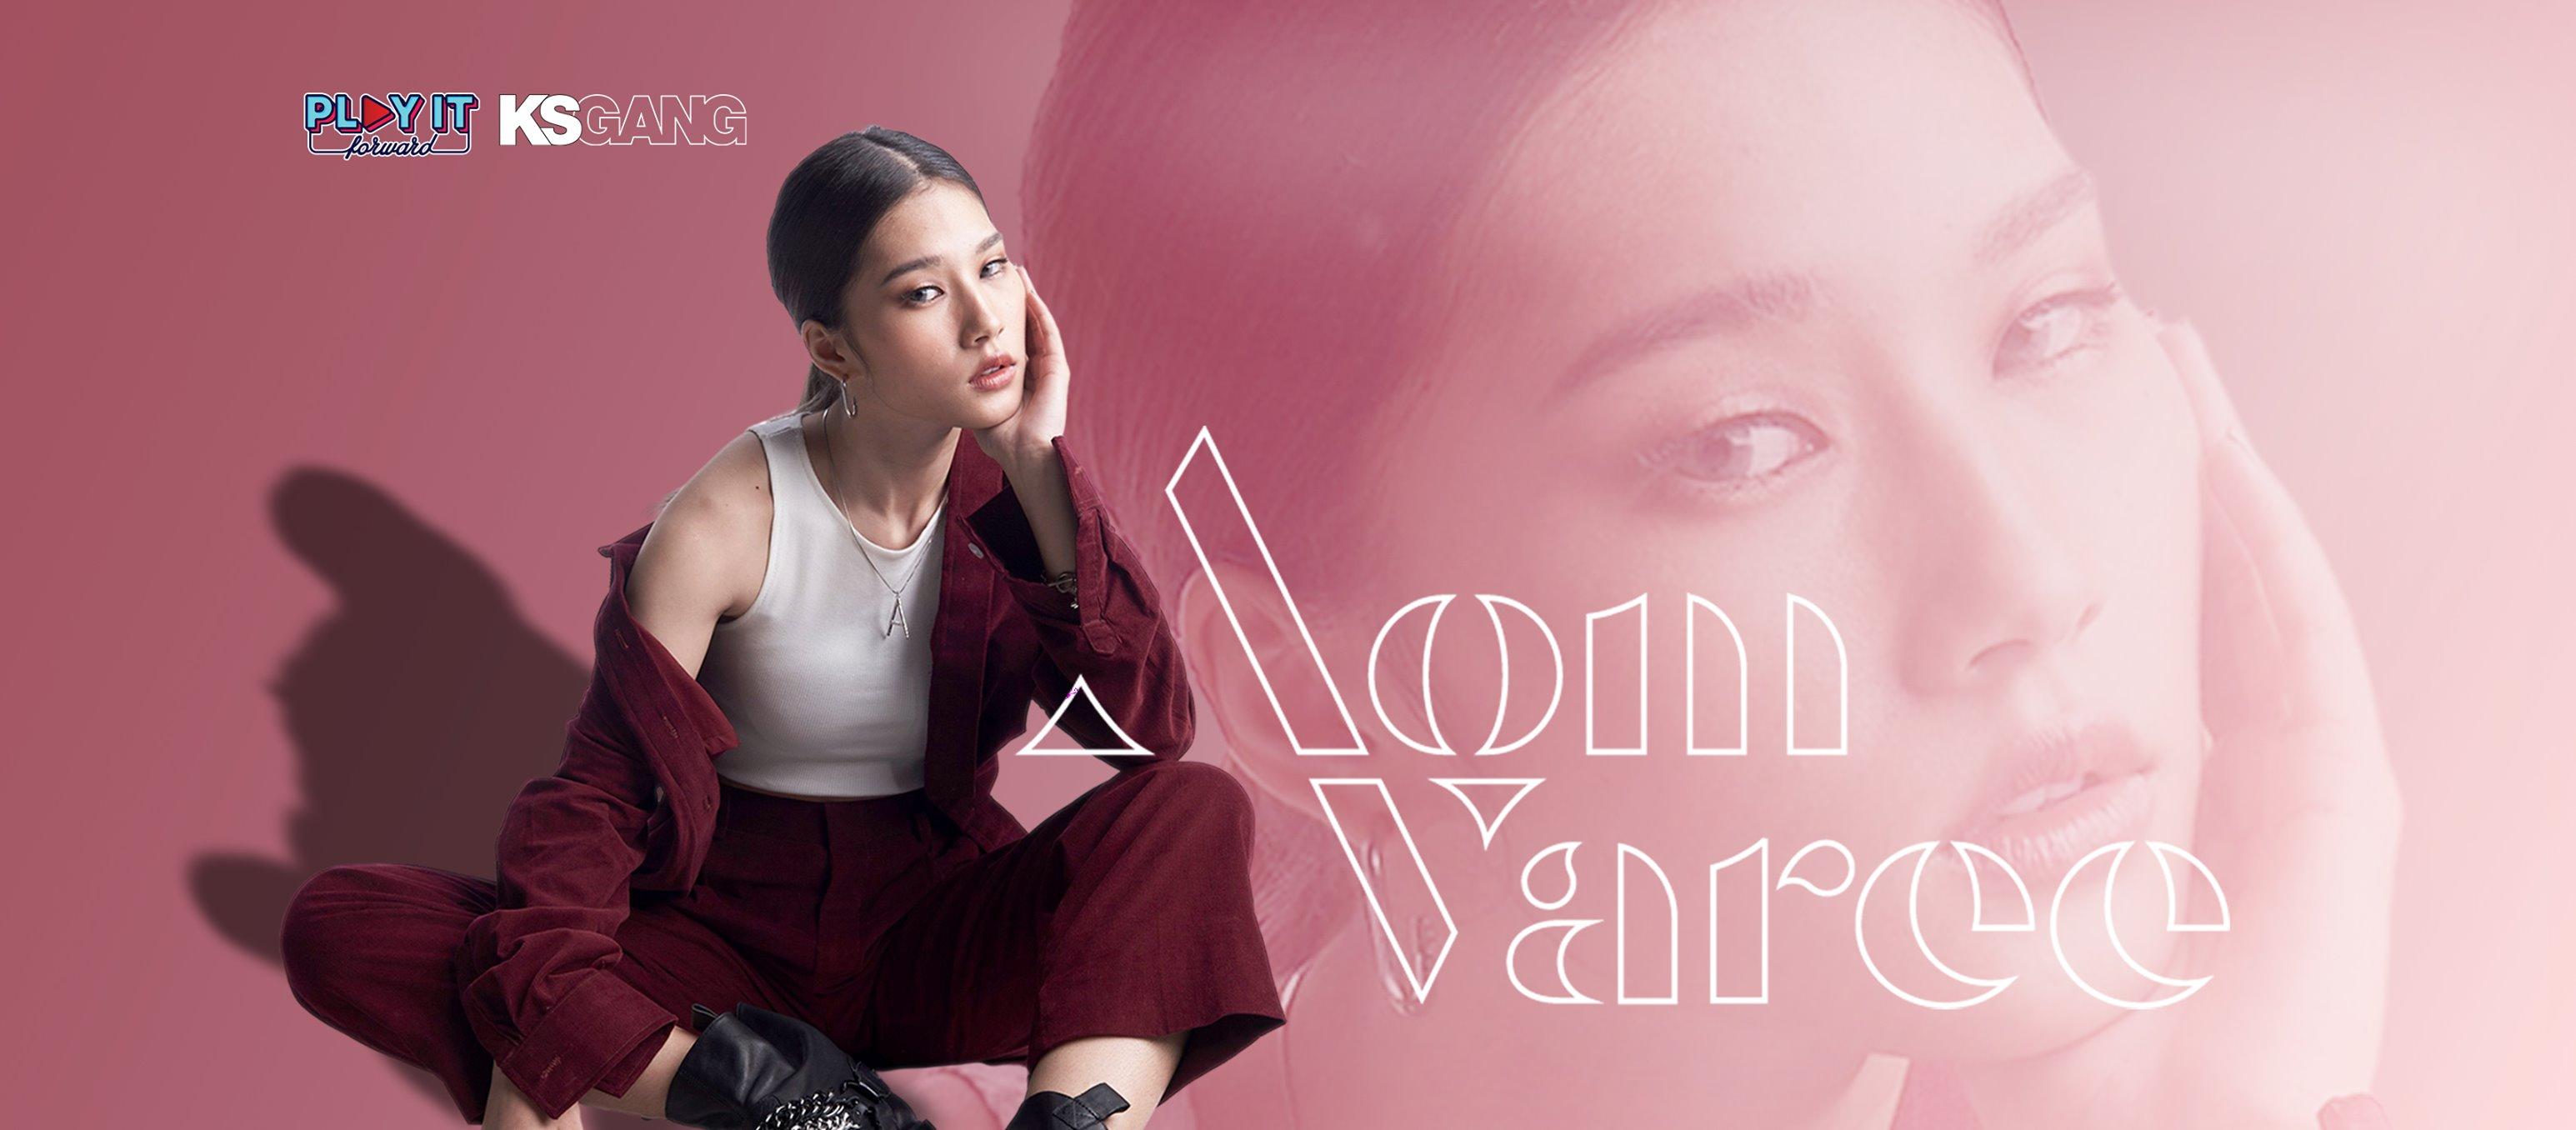 【Official MV】 ตัวปัญหาชื่อว่าความรัก - AOM VAREE